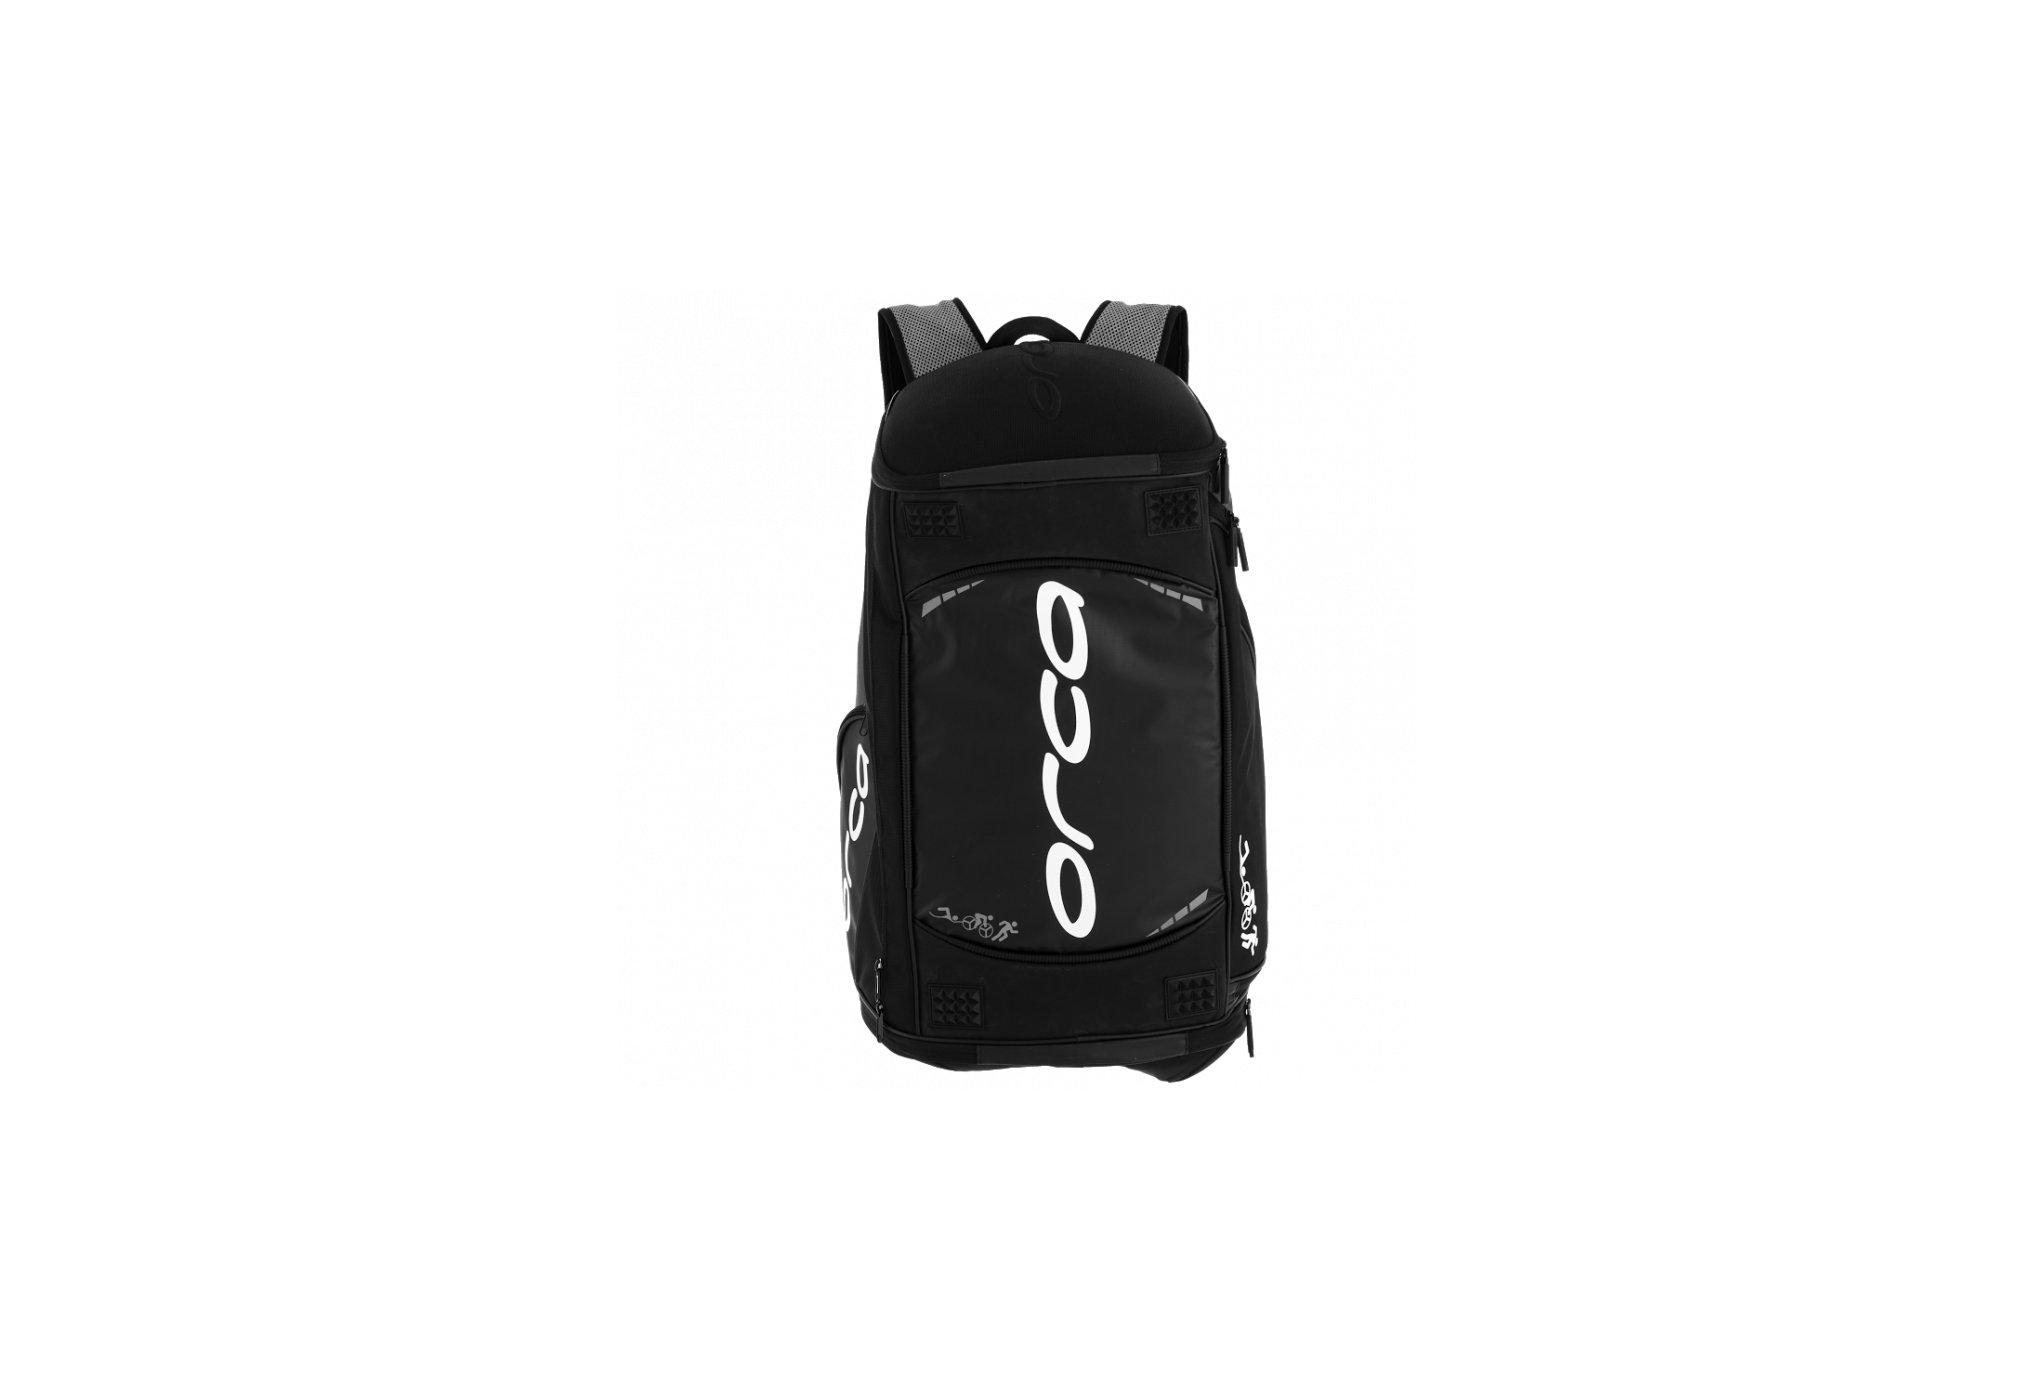 Orca Transition Bag Sac à dos